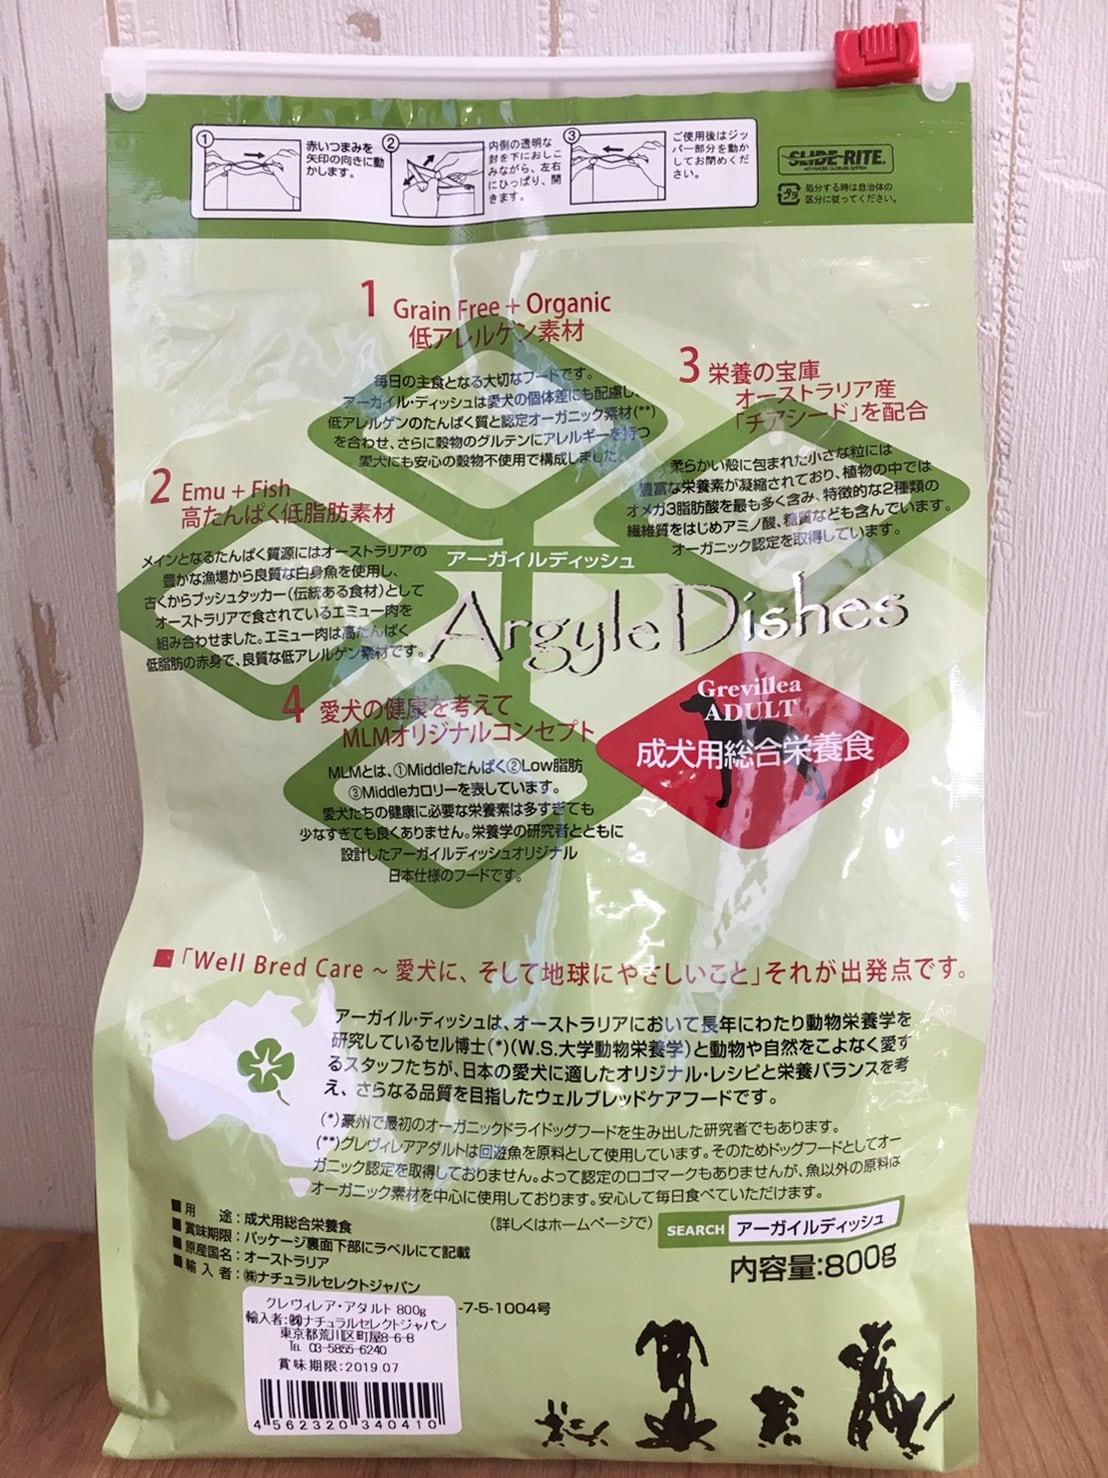 【店頭渡し】アーガイルディッシュ グレヴィレア・アダルト(成犬総合栄養食・アレルギー対応)800gのイメージその2